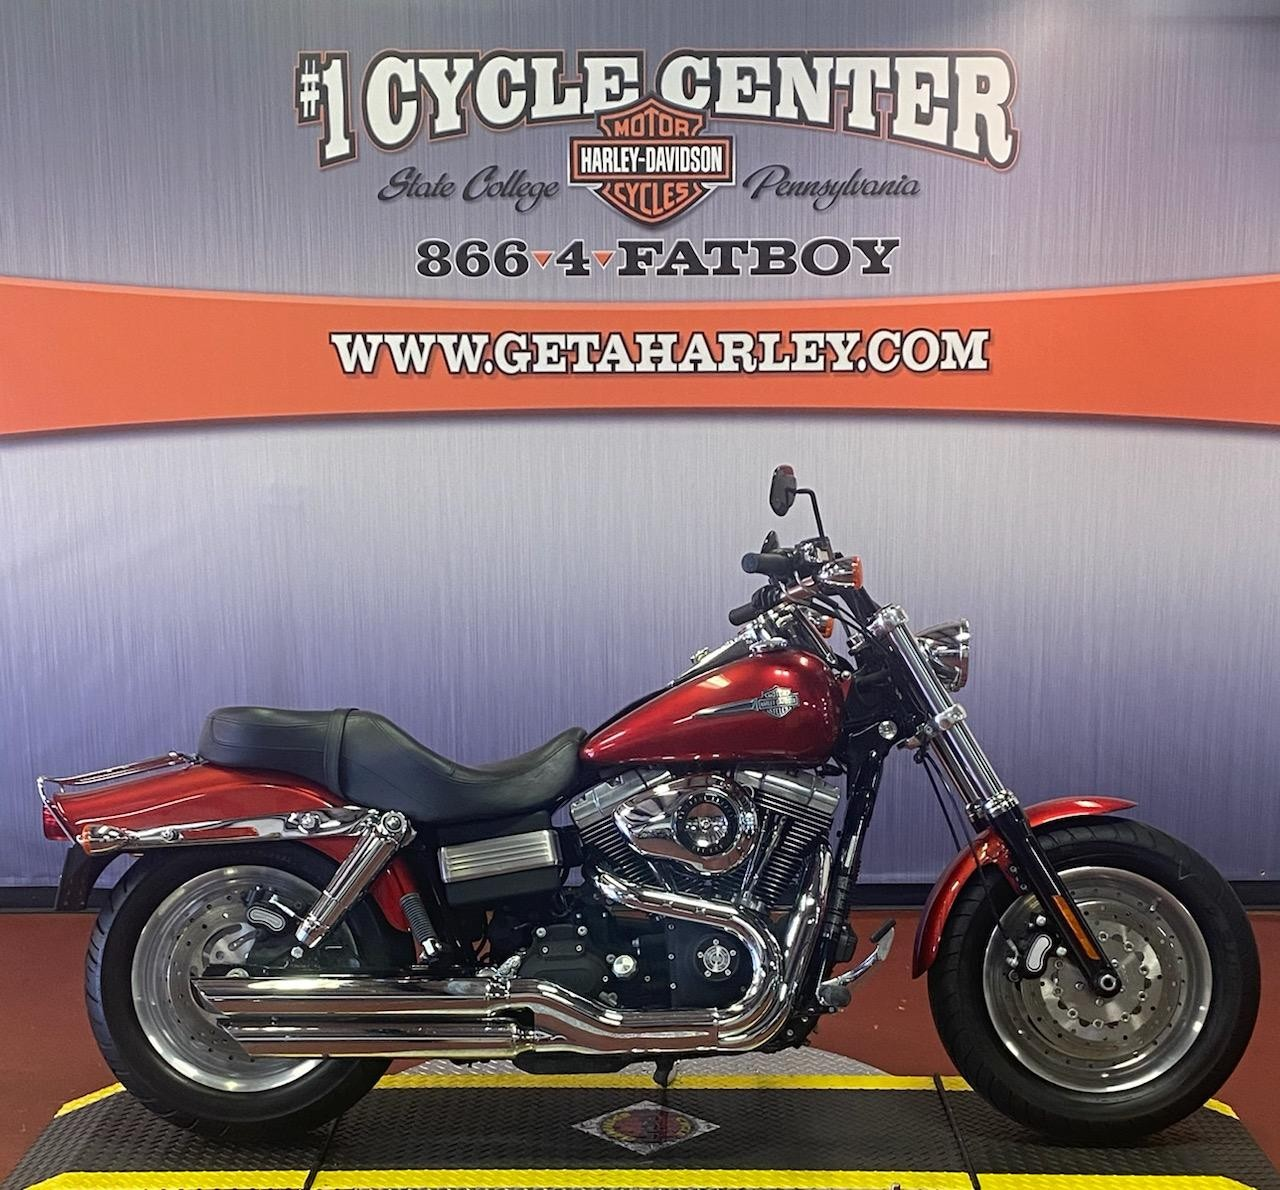 2008 Harley-Davidson Dyna Glide Fat Bob at #1 Cycle Center Harley-Davidson